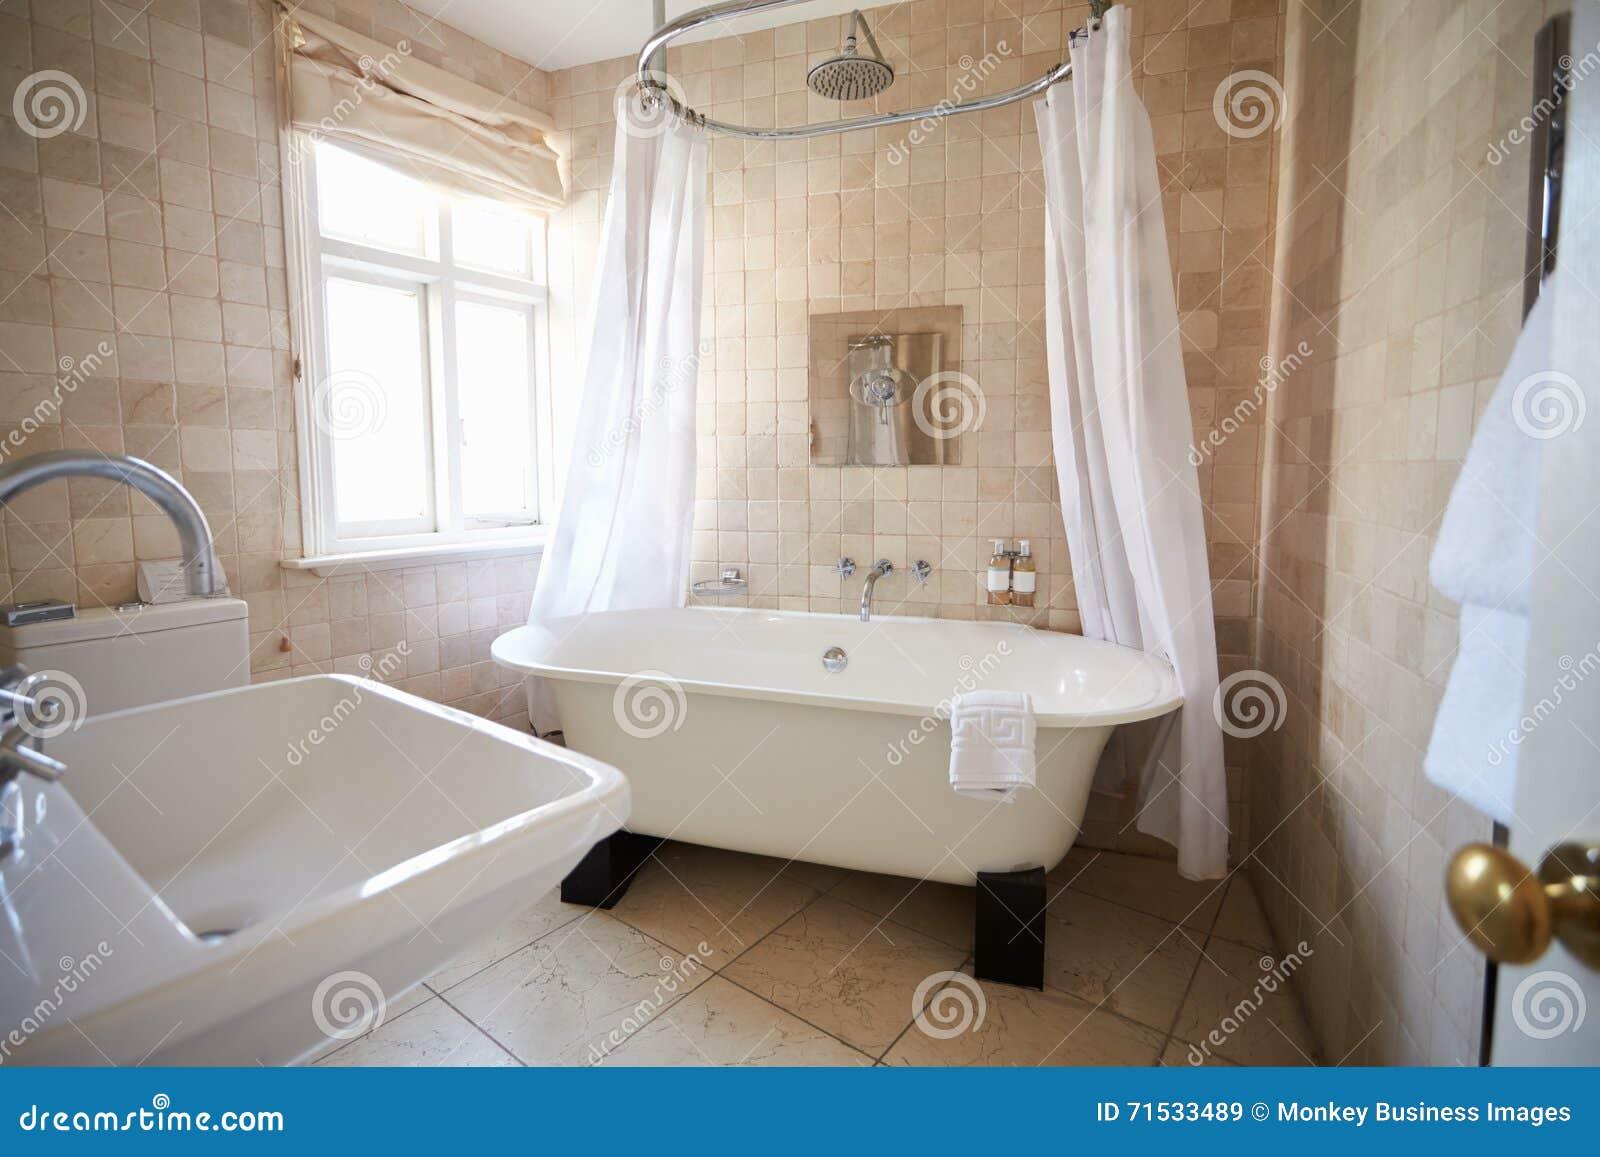 Mooie Badkamers Fotos : Mooie badkamers met vrije bevindende bad en douche stock afbeelding